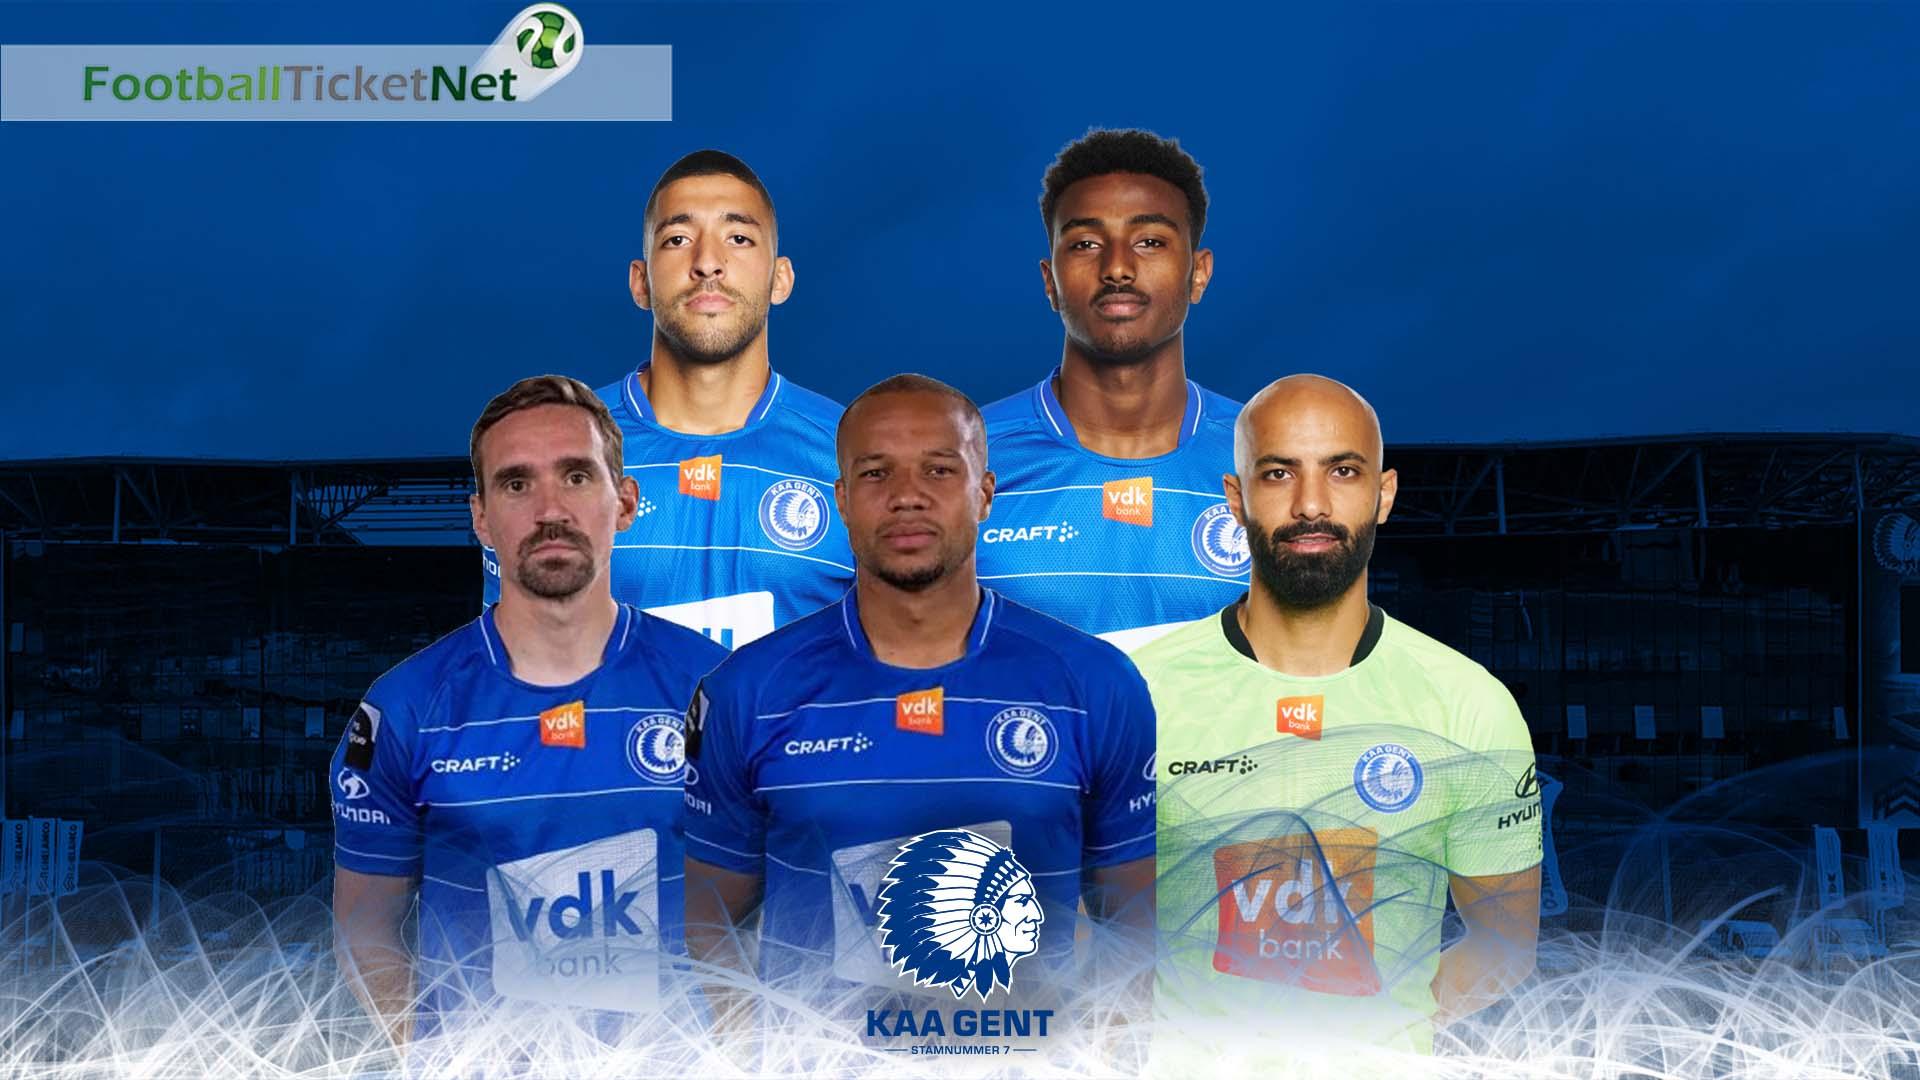 Buy Gent Football Tickets 2020/21 | Football Ticket Net